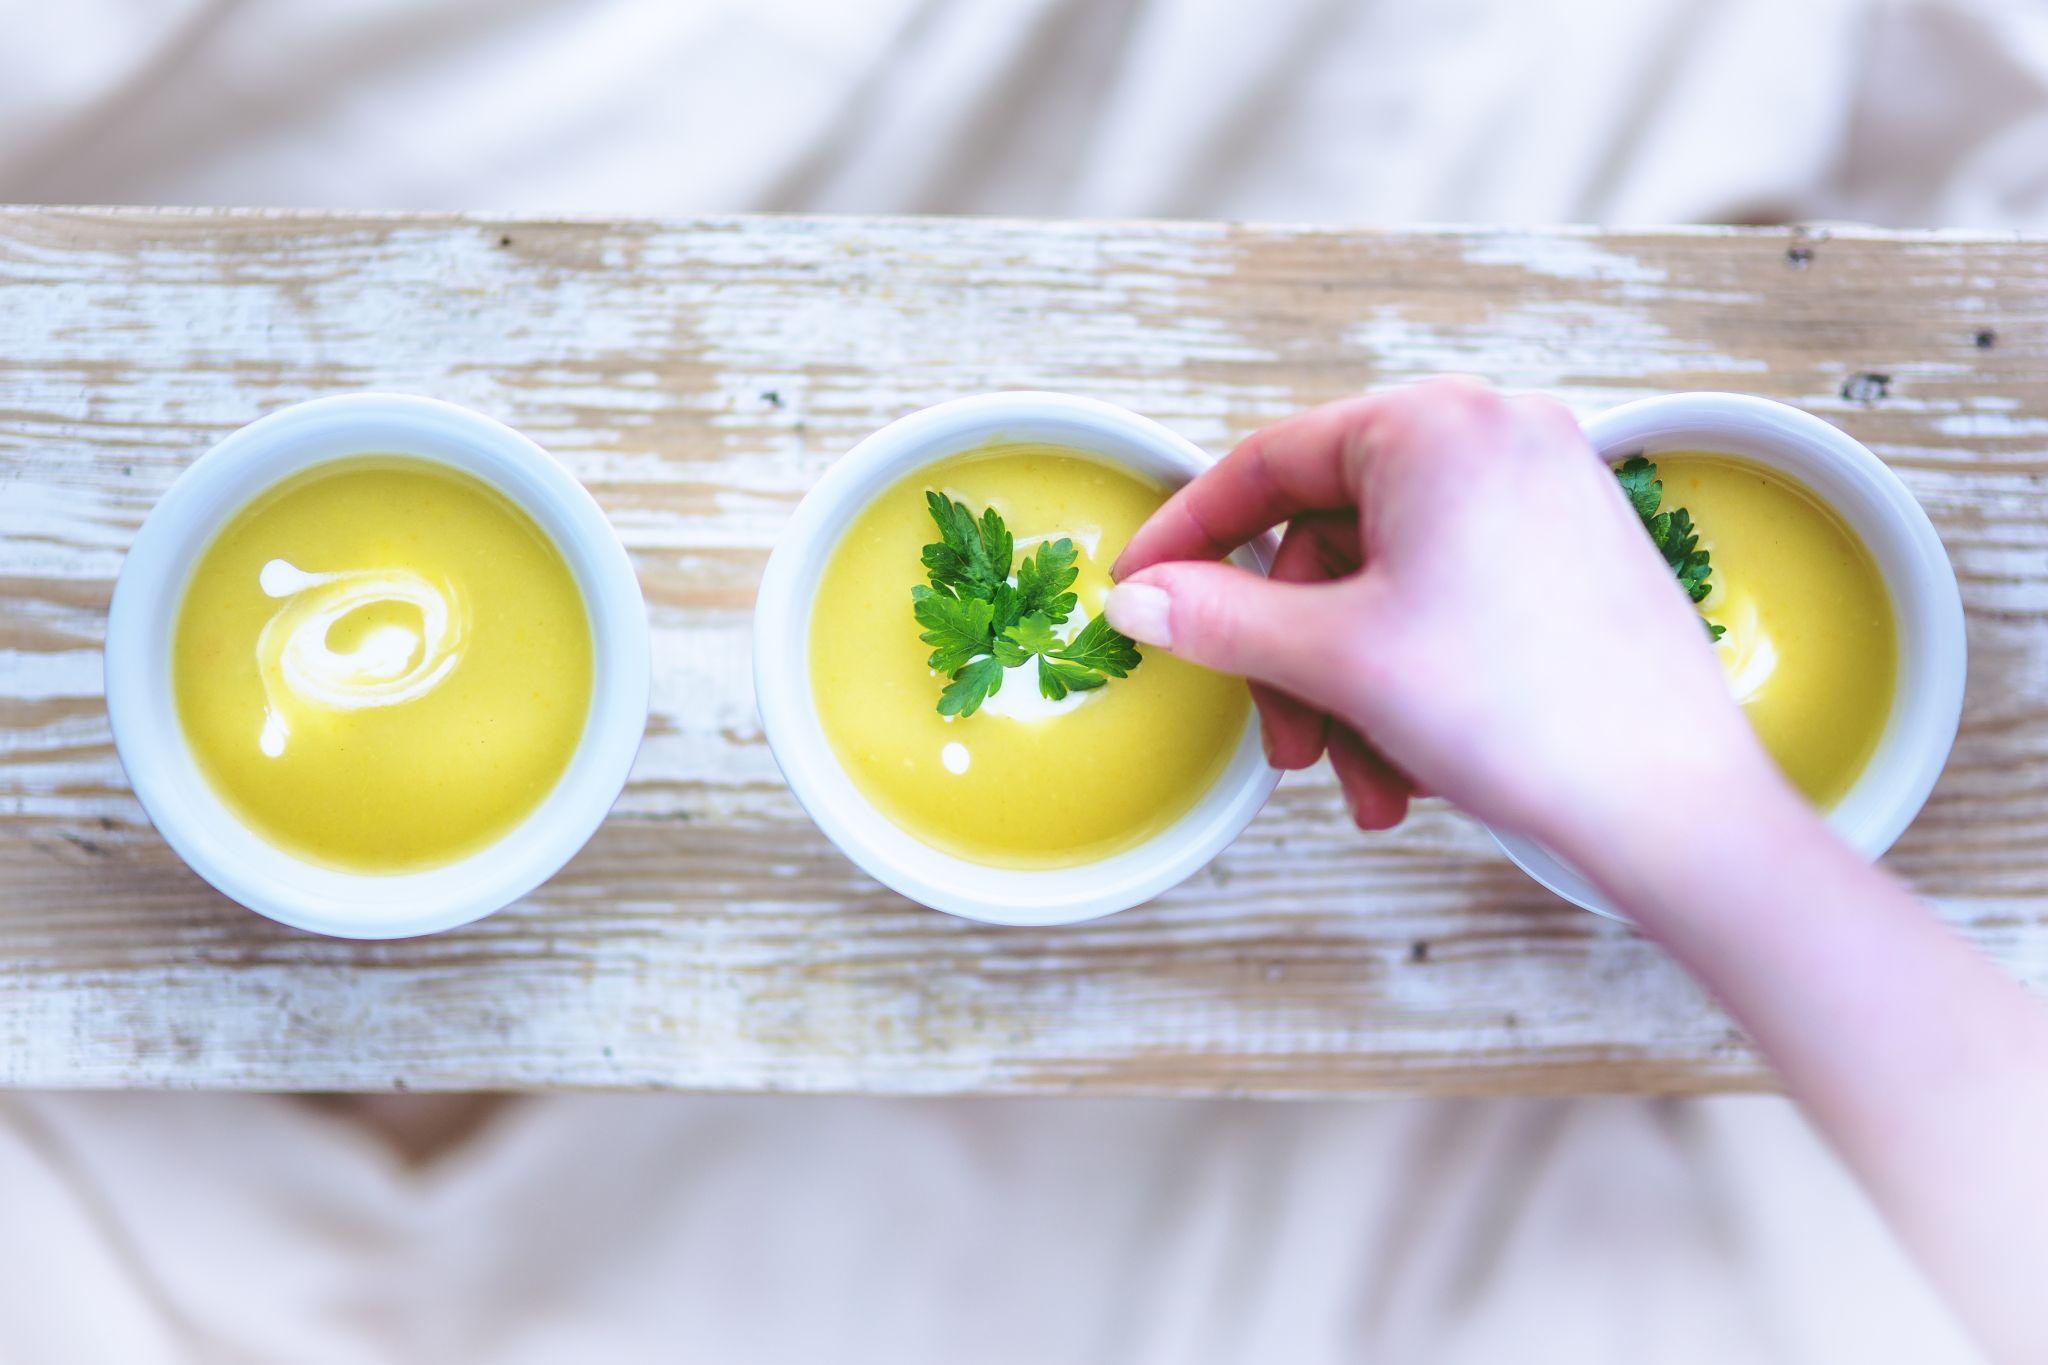 3 bowls of leek & potato soup